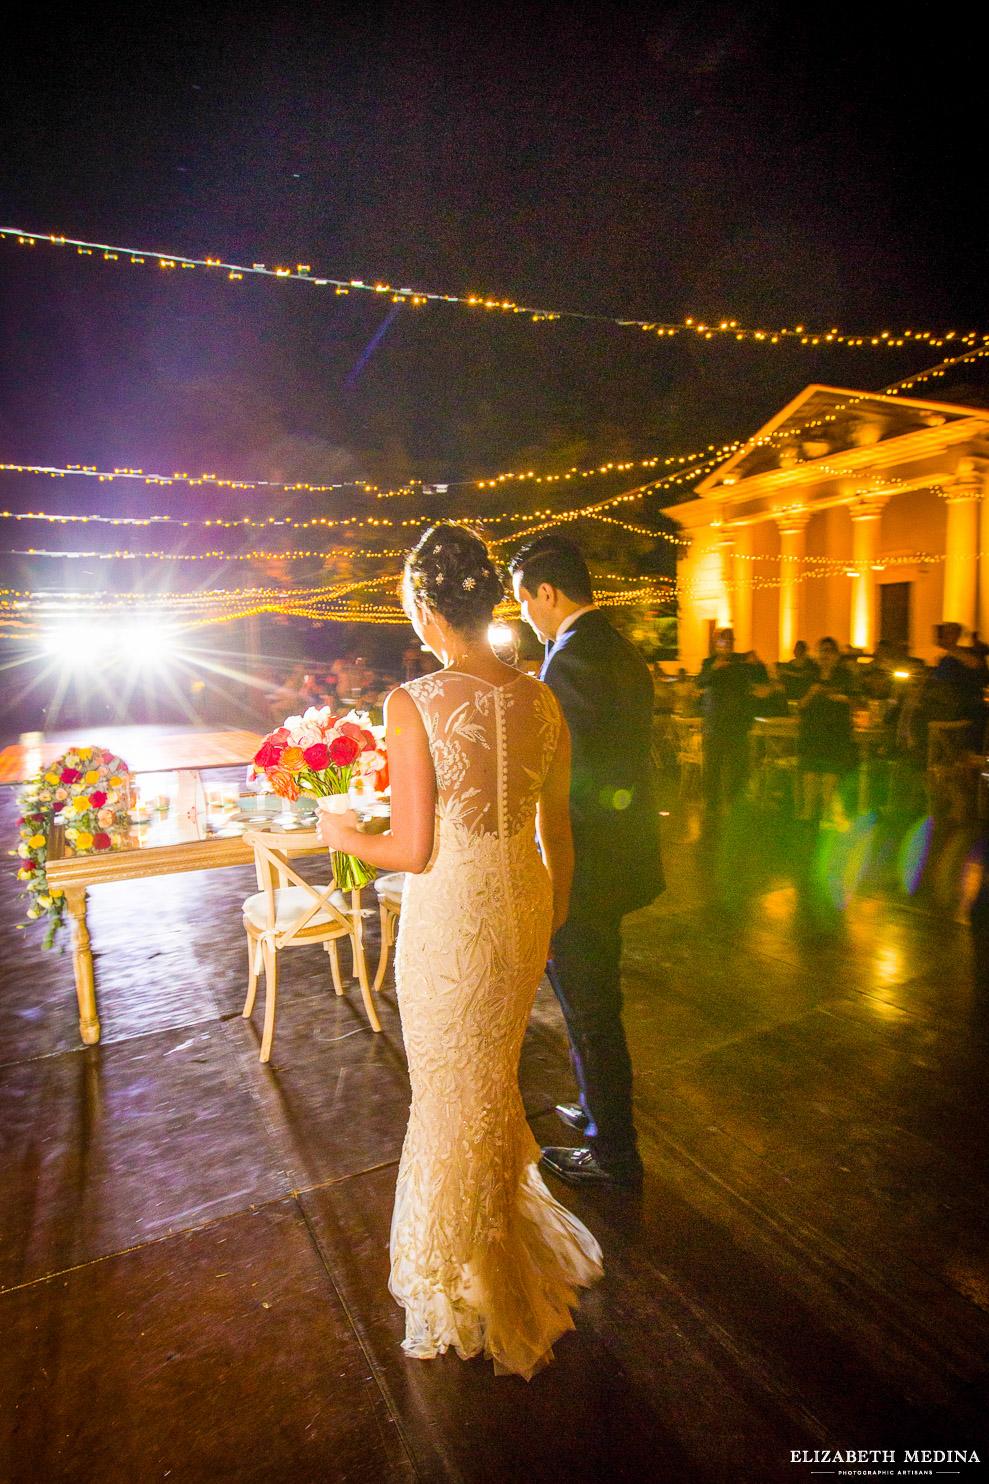 hacienda tekik de regil wedding elizabeth medina photography 41 Hacienda Tekik de Regil Yucatan Wedding, Fotografía Hacienda Tekik de Regil, Yucatán